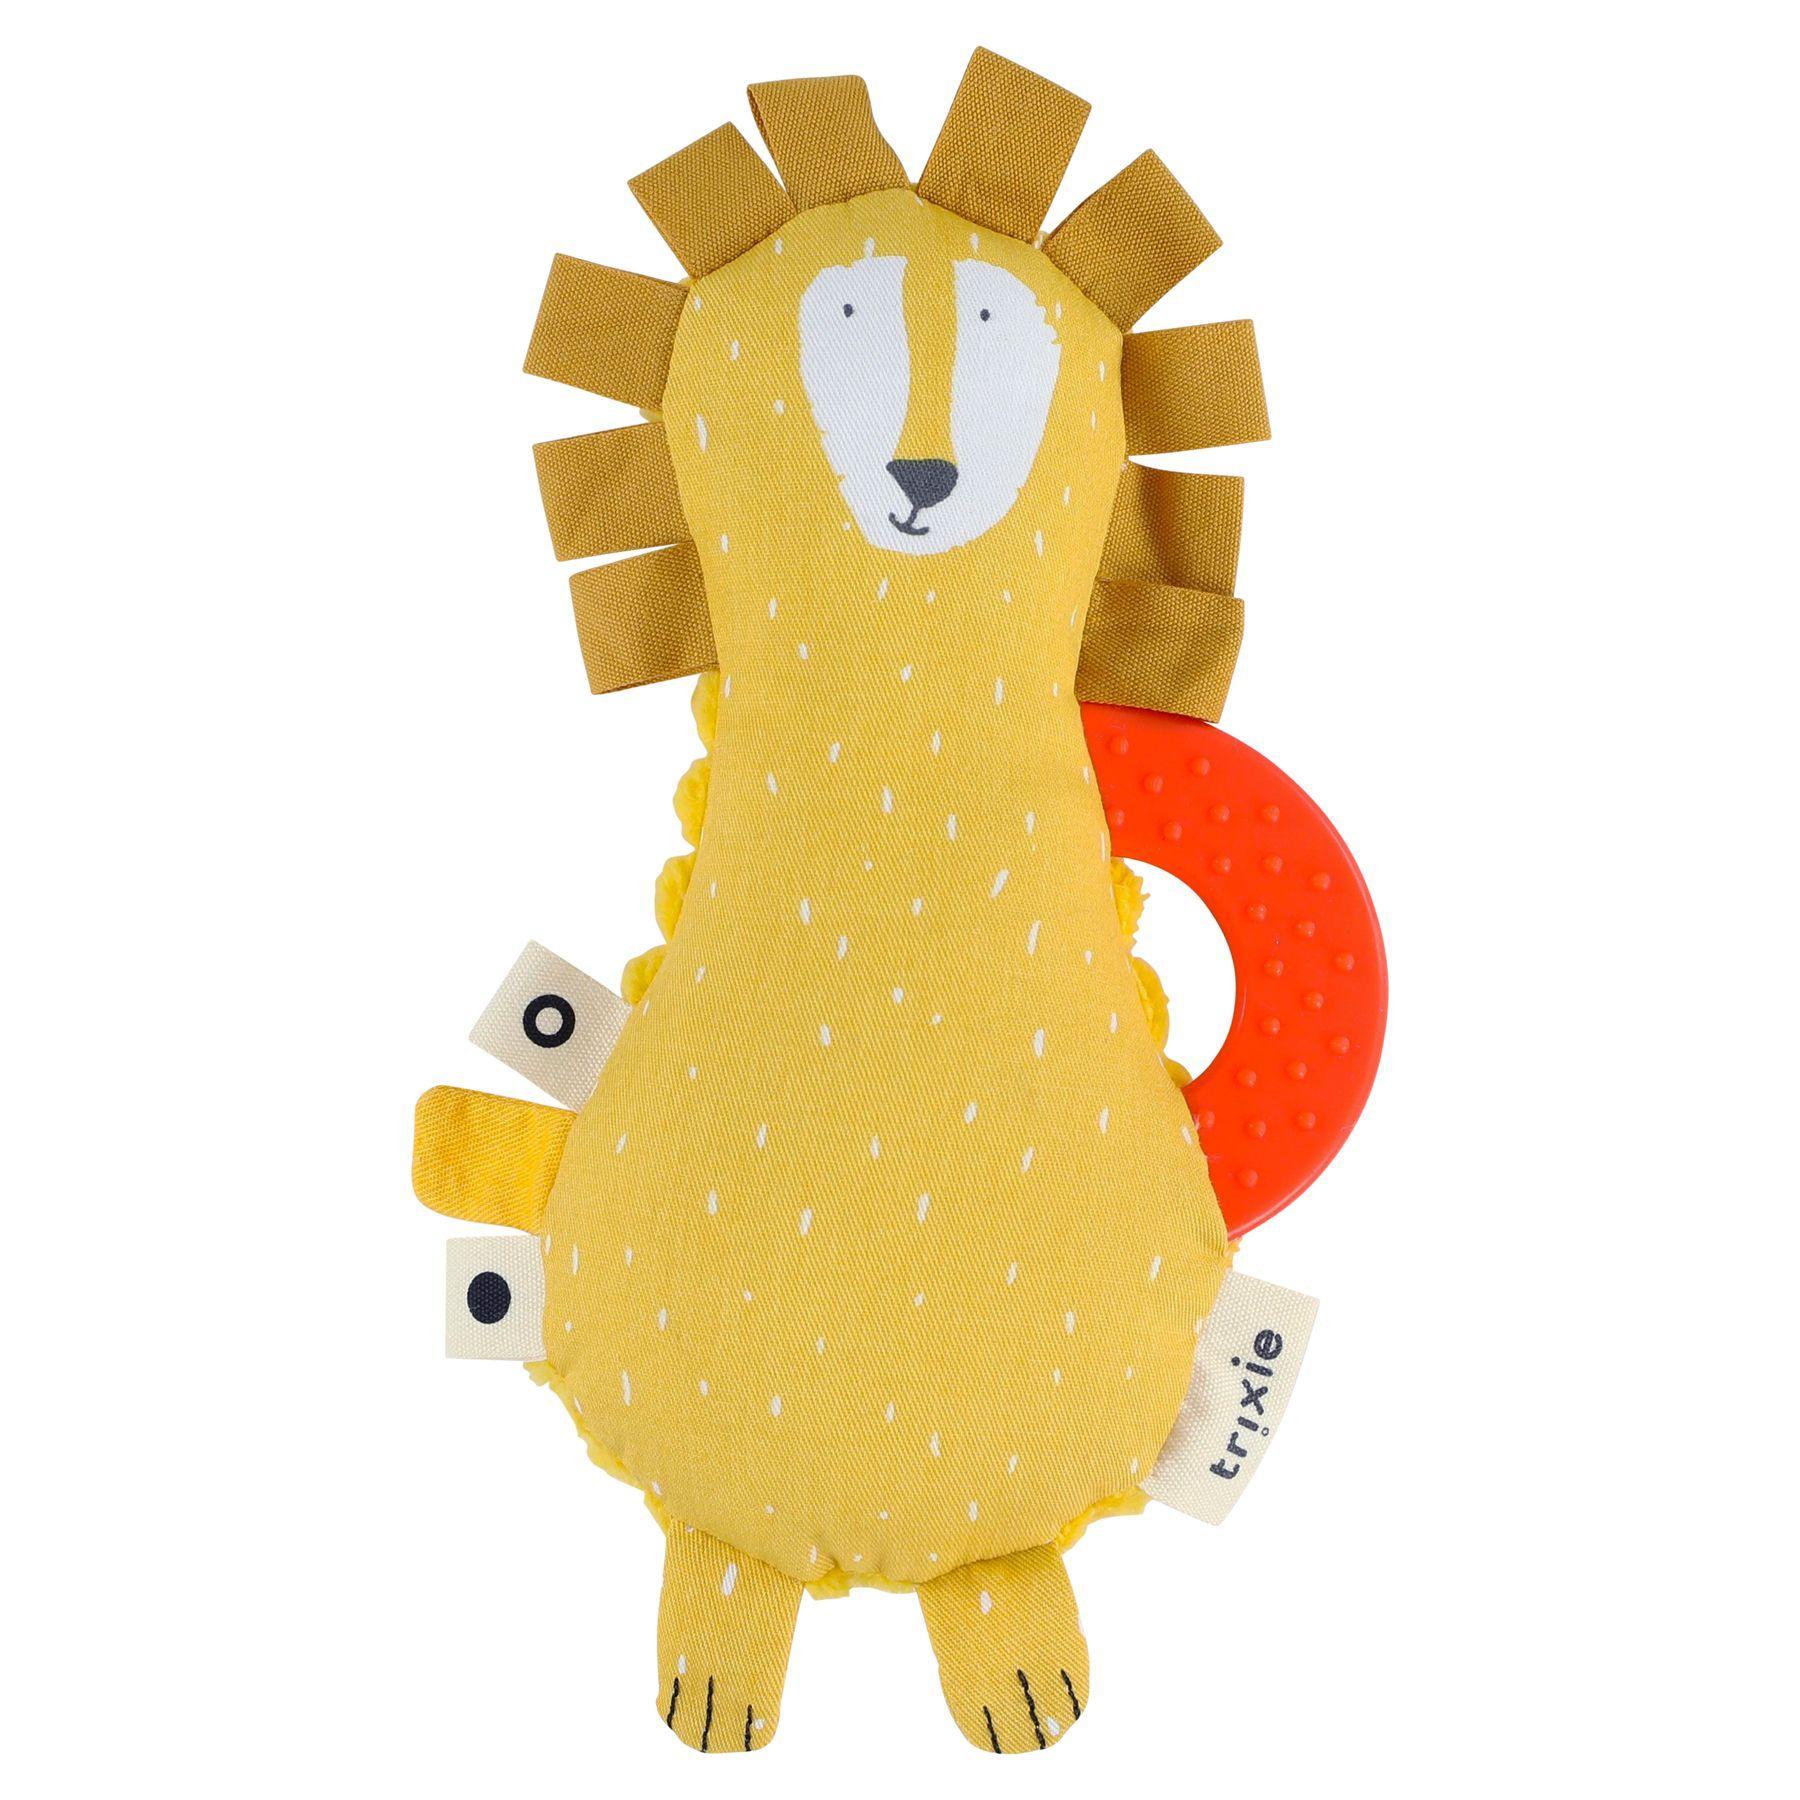 Mini activity toy Trixie Mr. Lion